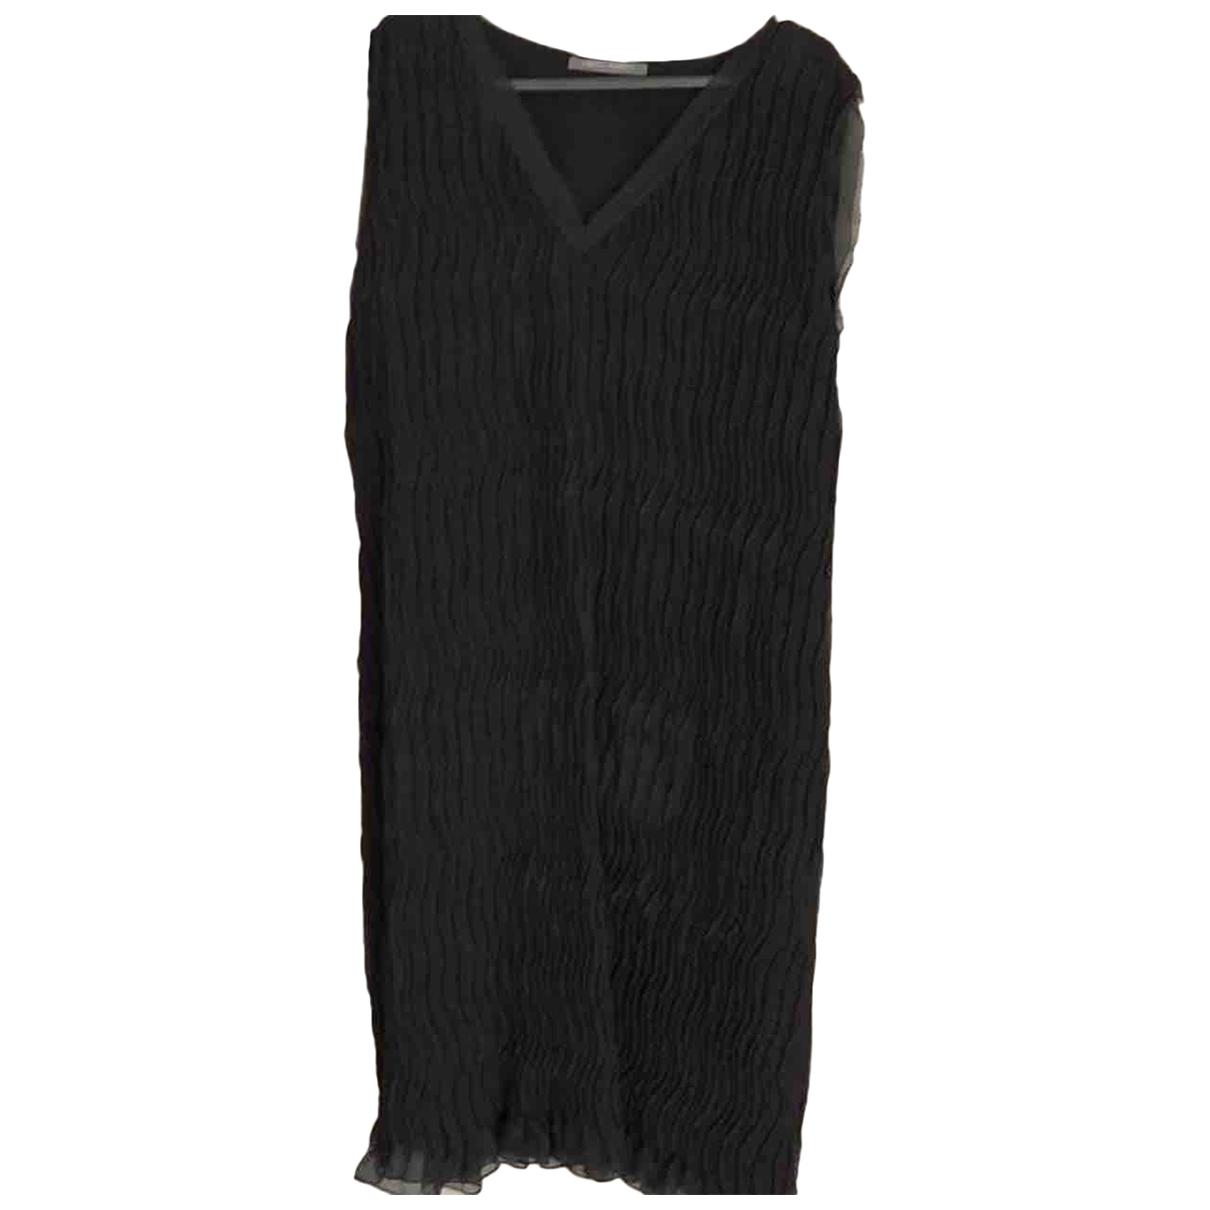 Alberta Ferretti \N Kleid in  Schwarz Baumwolle - Elasthan